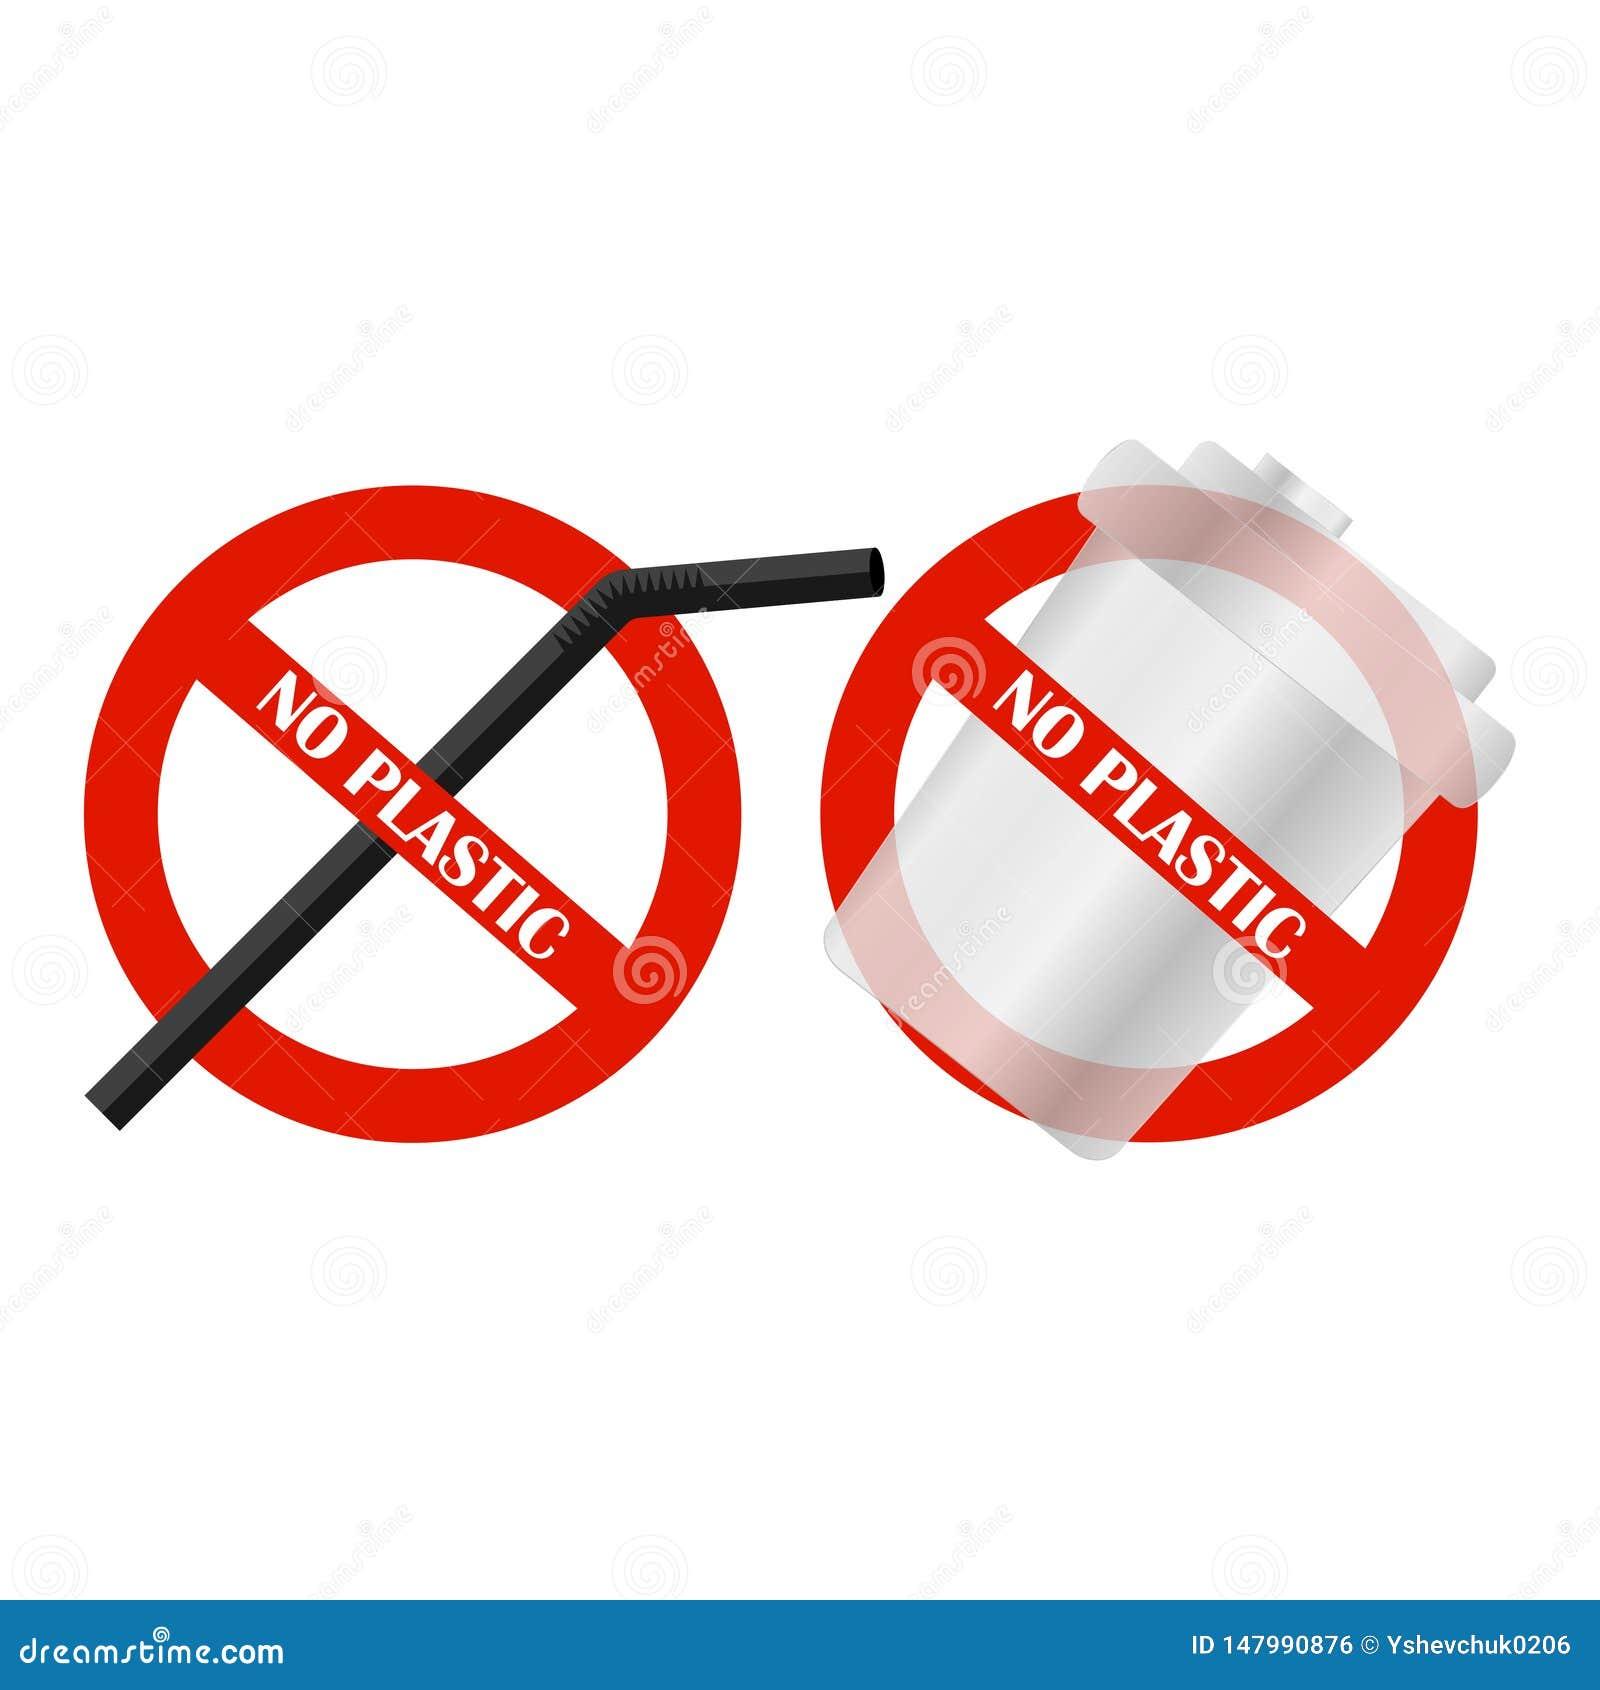 Μίας χρήσης πλαστικό άχυρο φλυτζανιών και κατανάλωσης Κανένα πλαστικό Πρόβλημα ρύπανσης Πέστε το αριθ. στα πλαστικά προϊόντα Προε